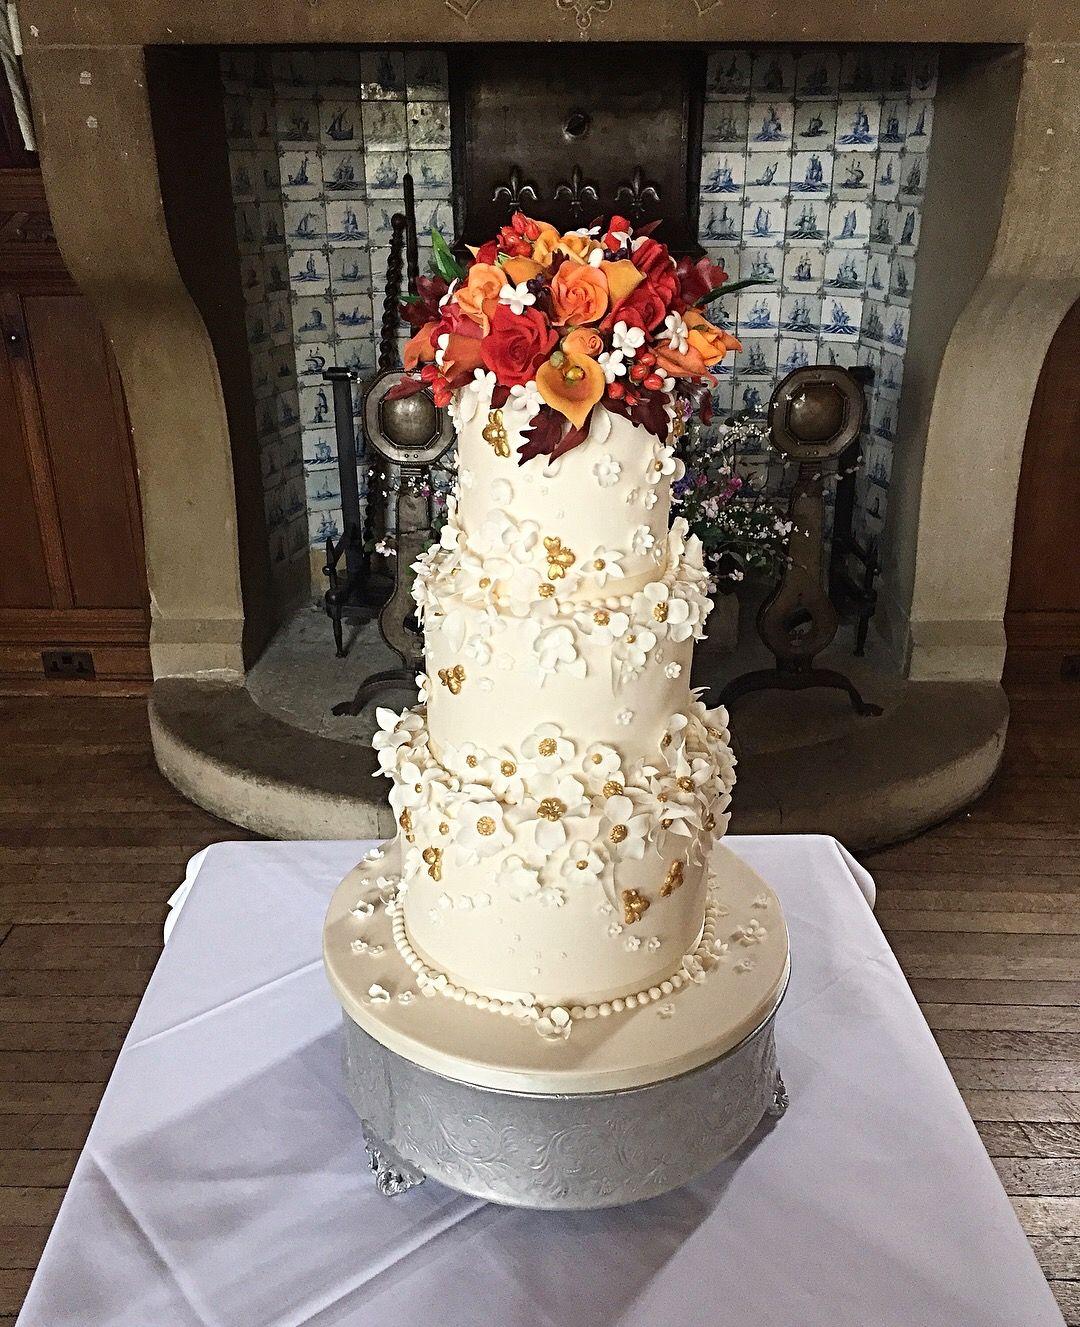 Autumnal wedding cake and flowers wedding cakes pinterest